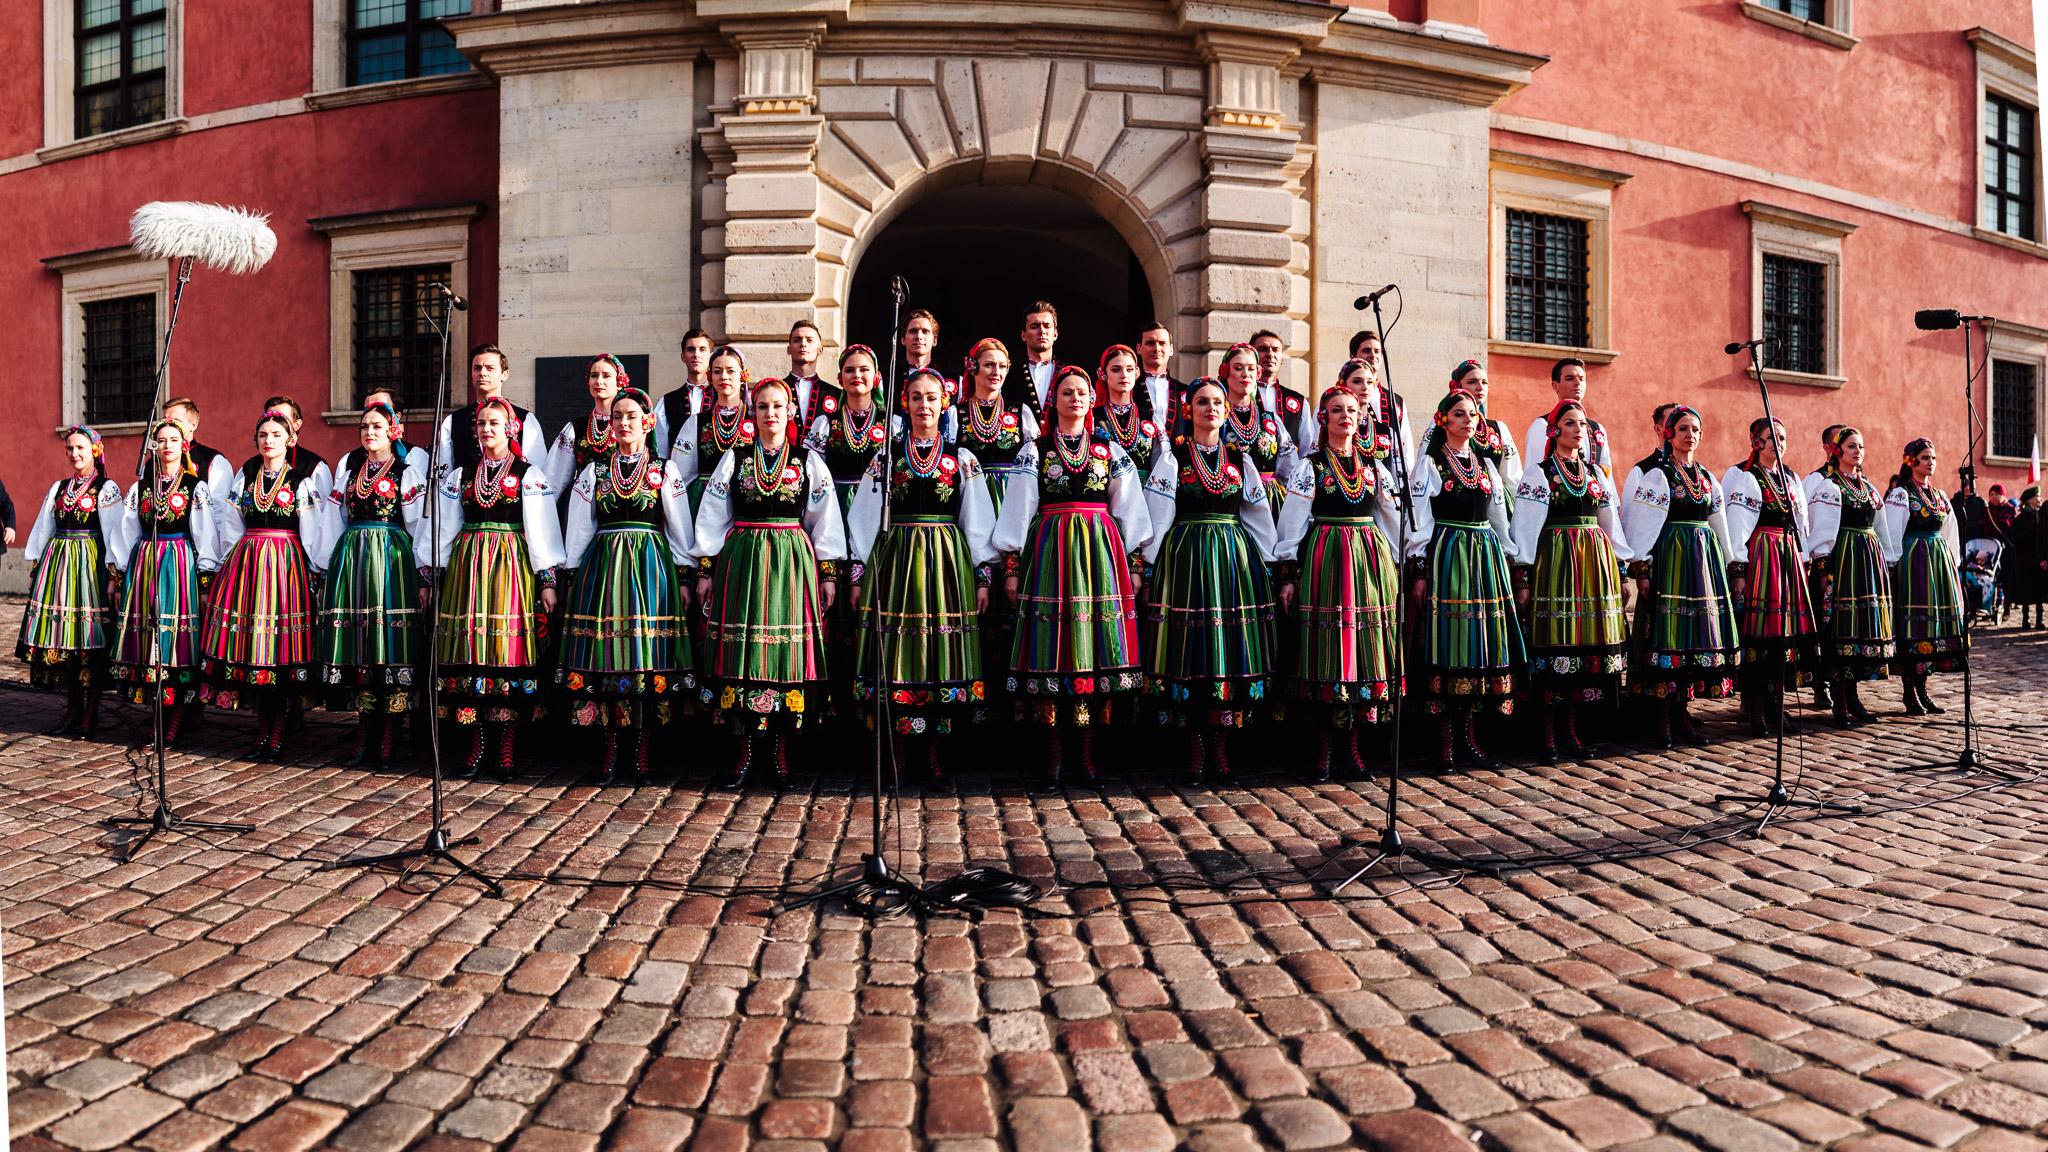 женщины в национальных костюмах, выстроившиеся перед Королевским замком в Варшаве, чтобы исполнить государственный гимн